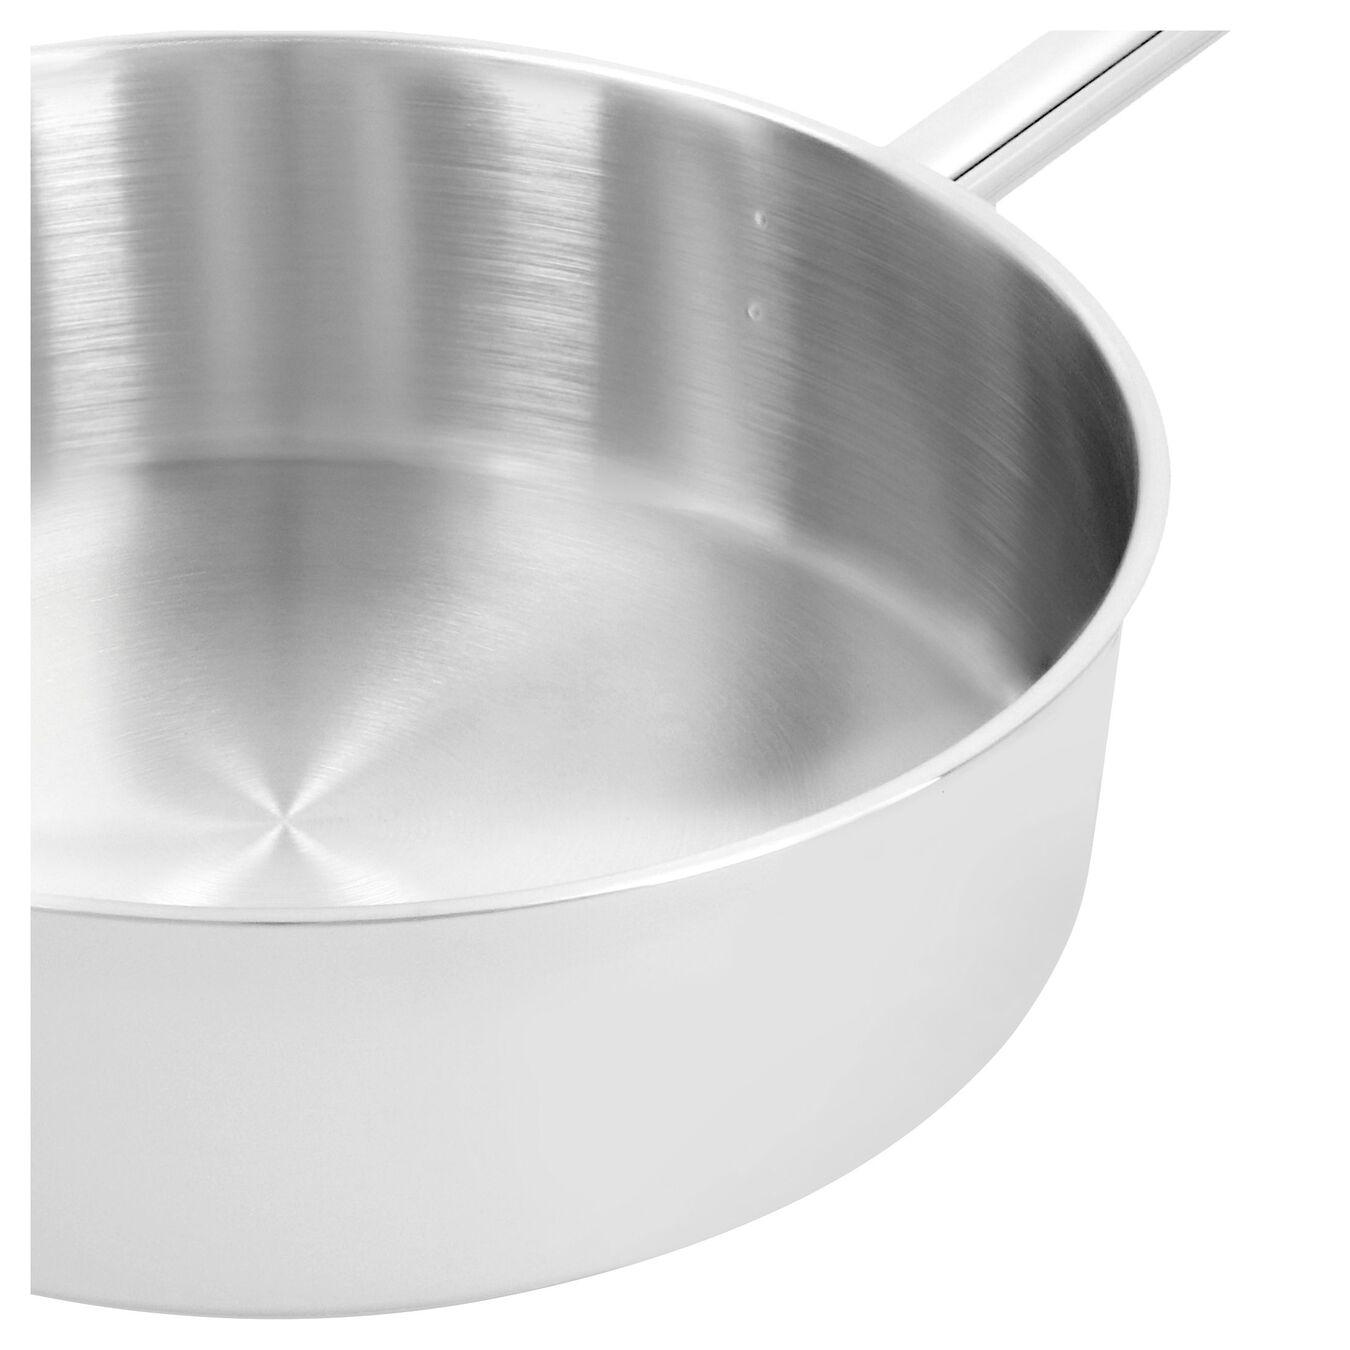 Sauteuse zonder deksel 28 cm / 4,8 l,,large 4